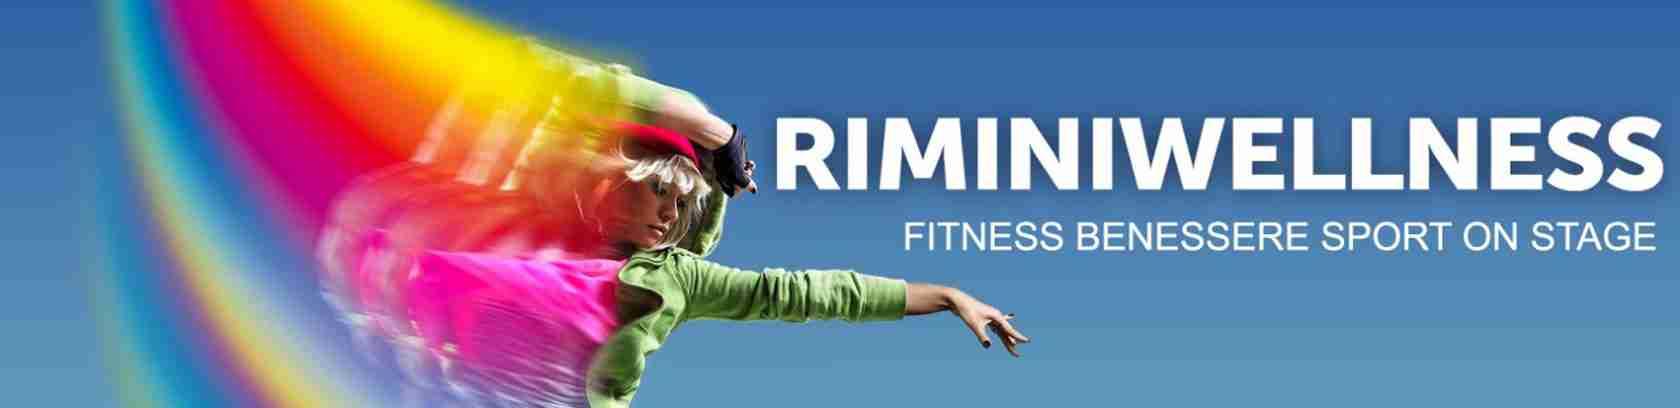 Le escort Rimini partecipano ogni anno alla manifestazione dedicata al benessere RiminiWellness. Magica Escort